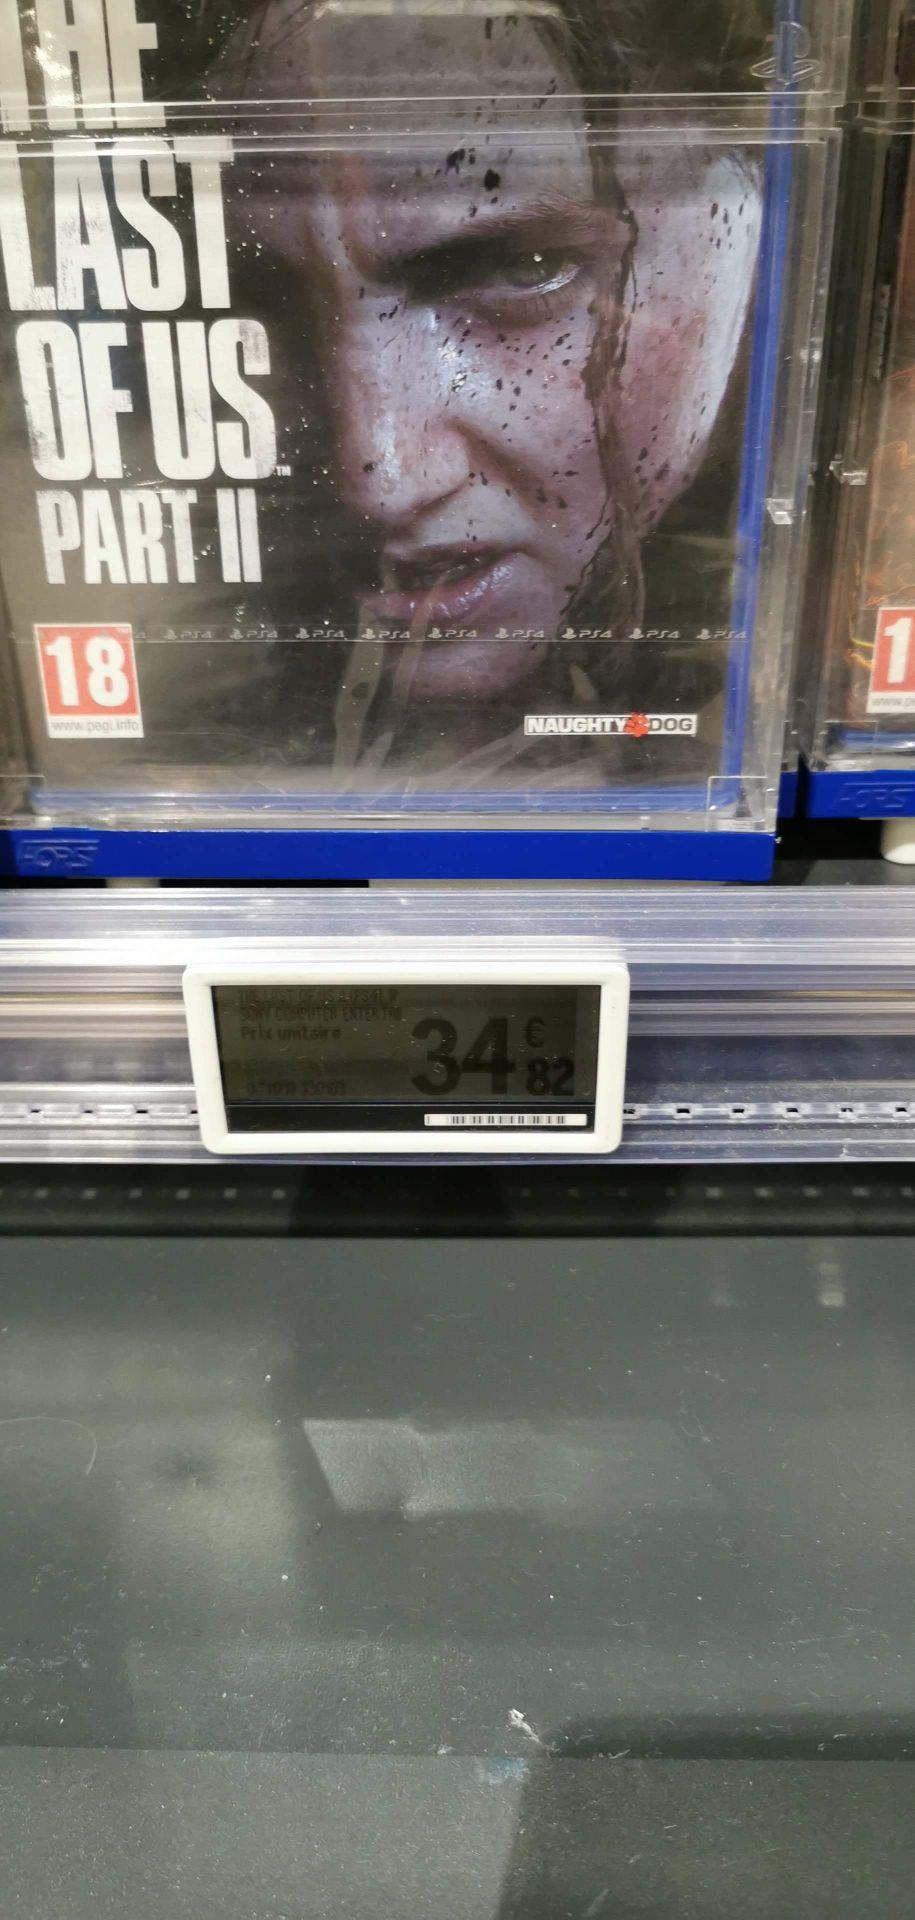 Jeu The last of us 2 sur PS4 - leclerc Wattrelos (59)